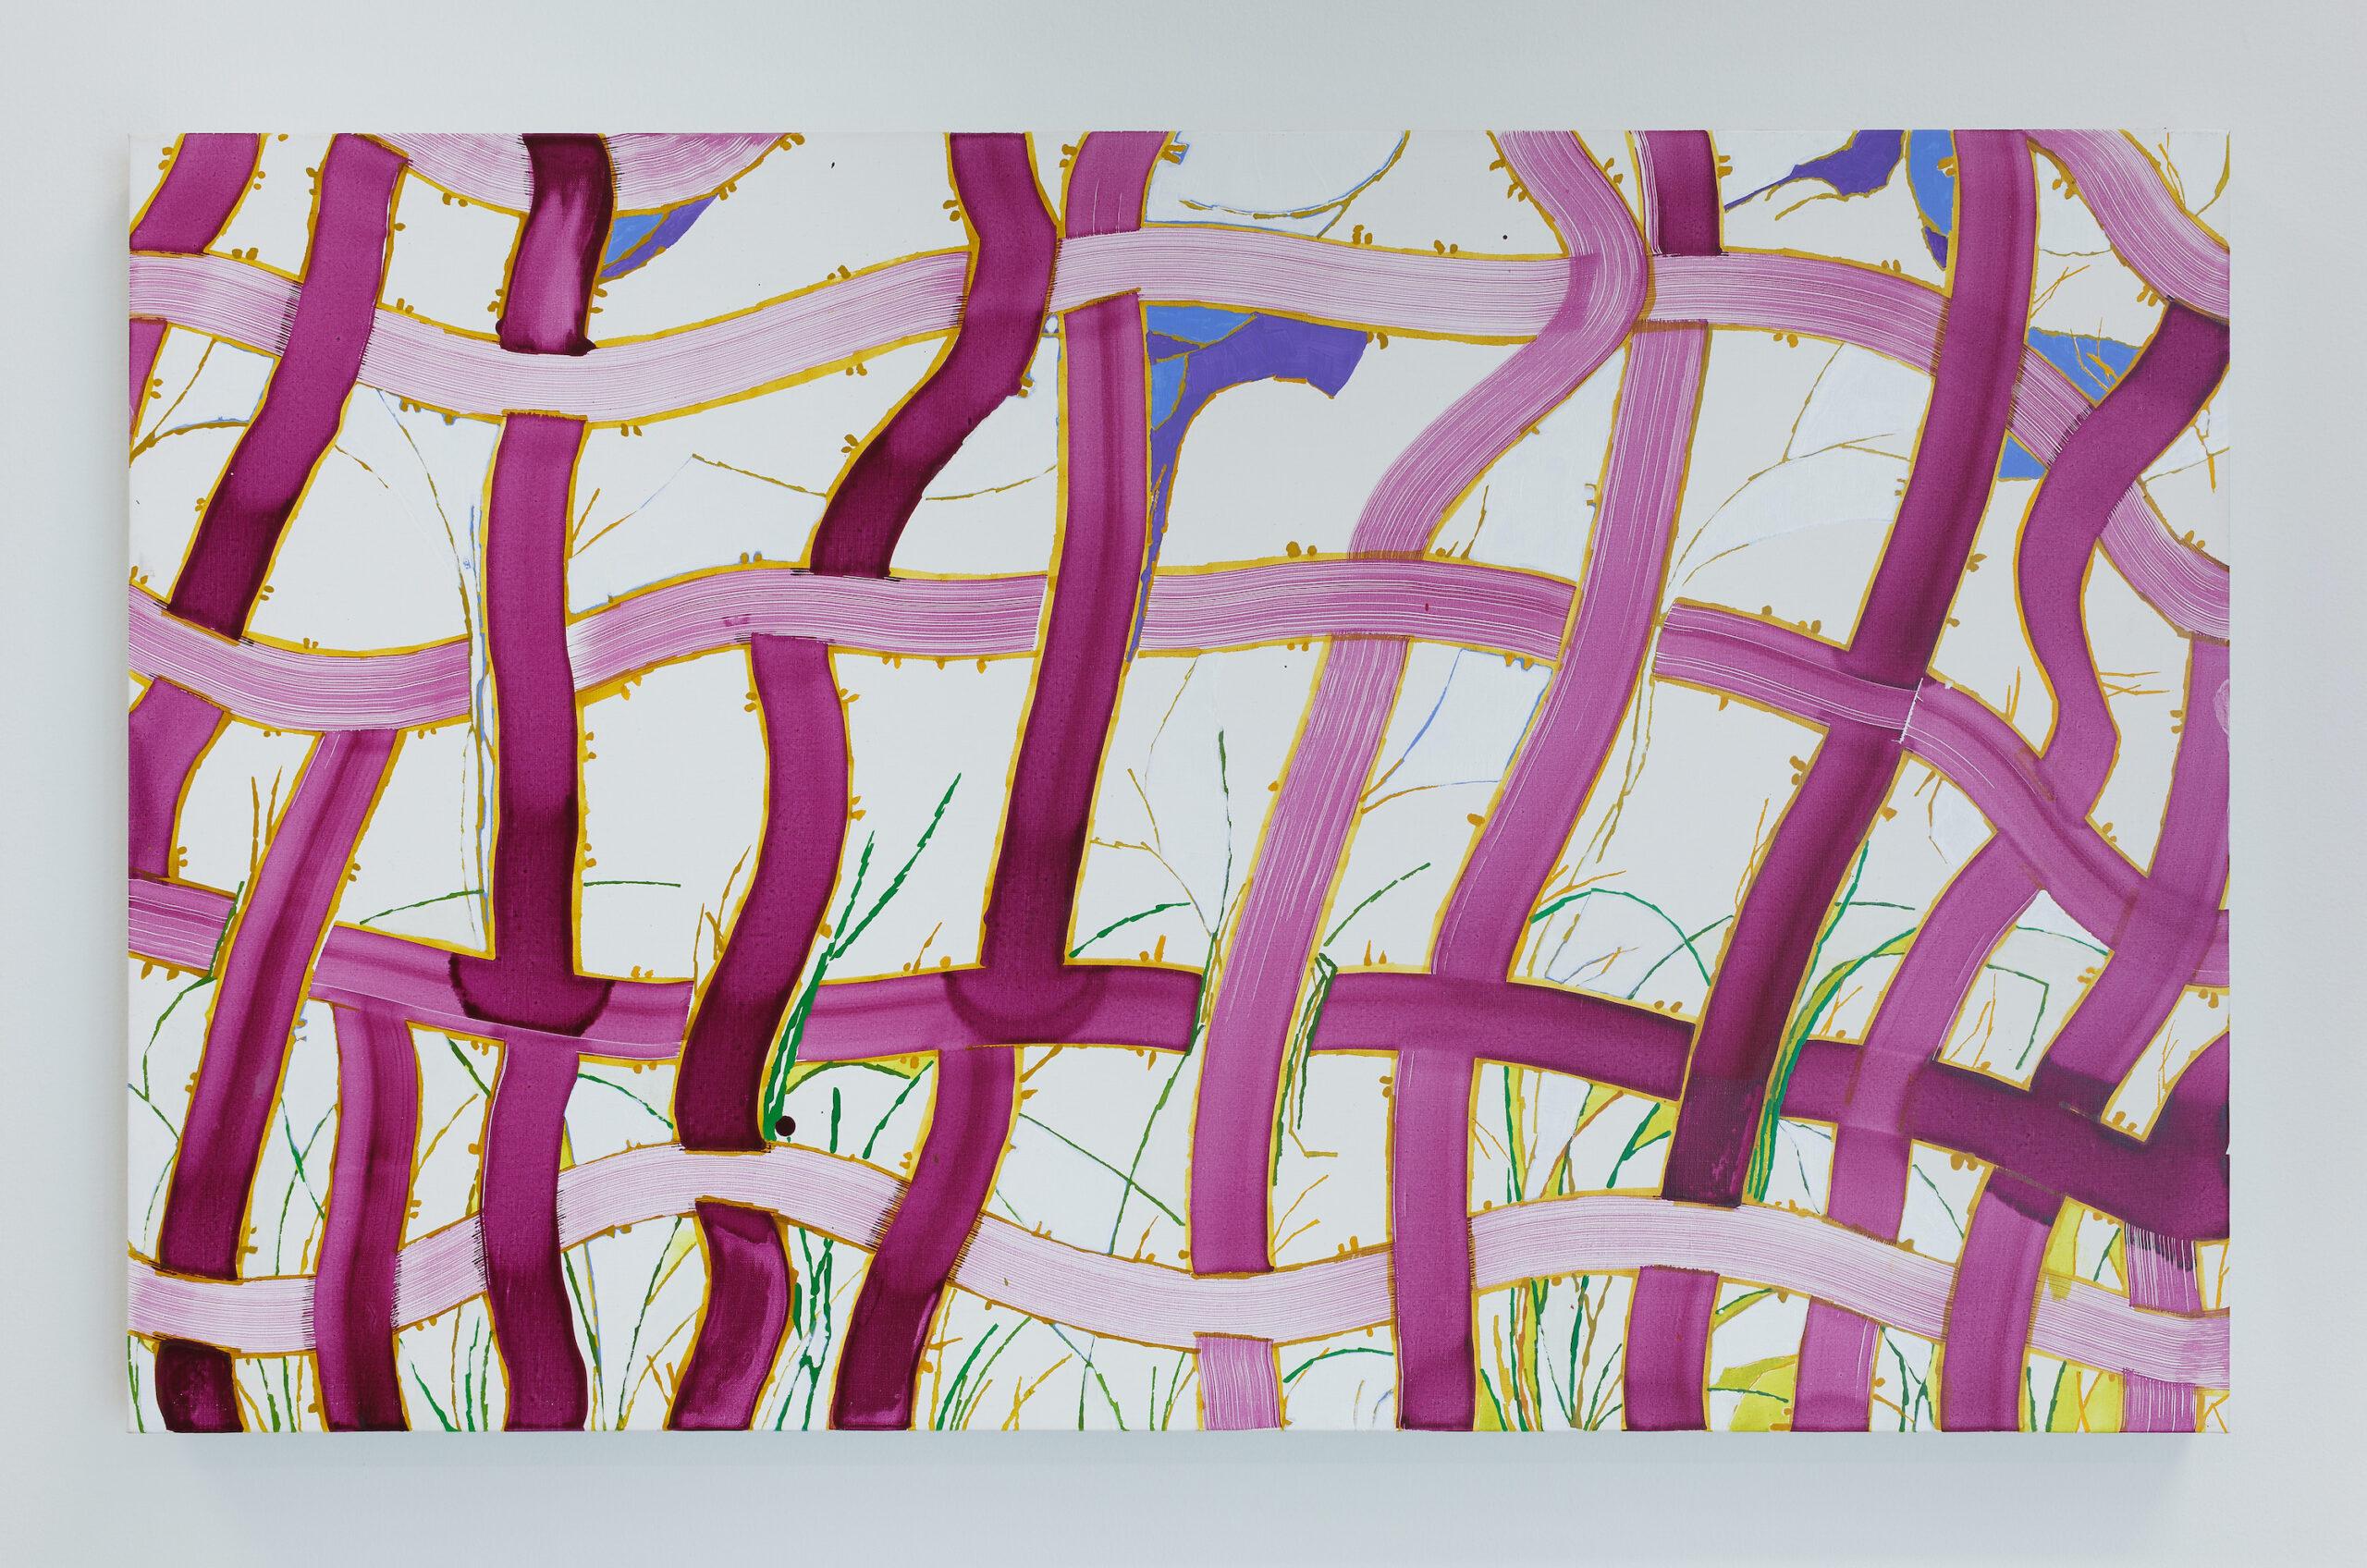 Elisabeth Condon, Spring Weeds, 2021